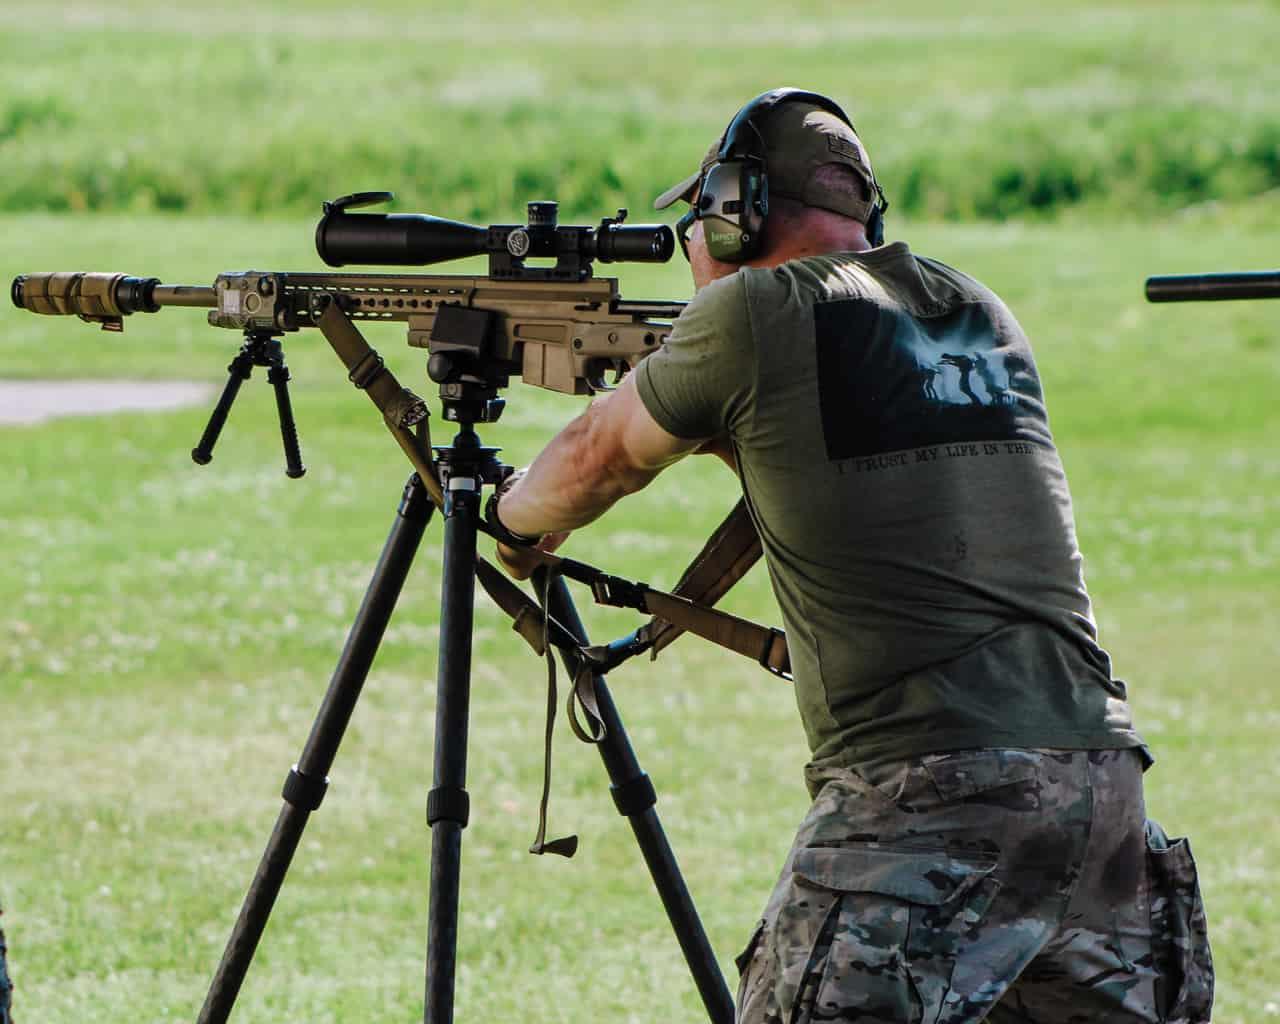 police-sniper-tripod-utilization-course-13